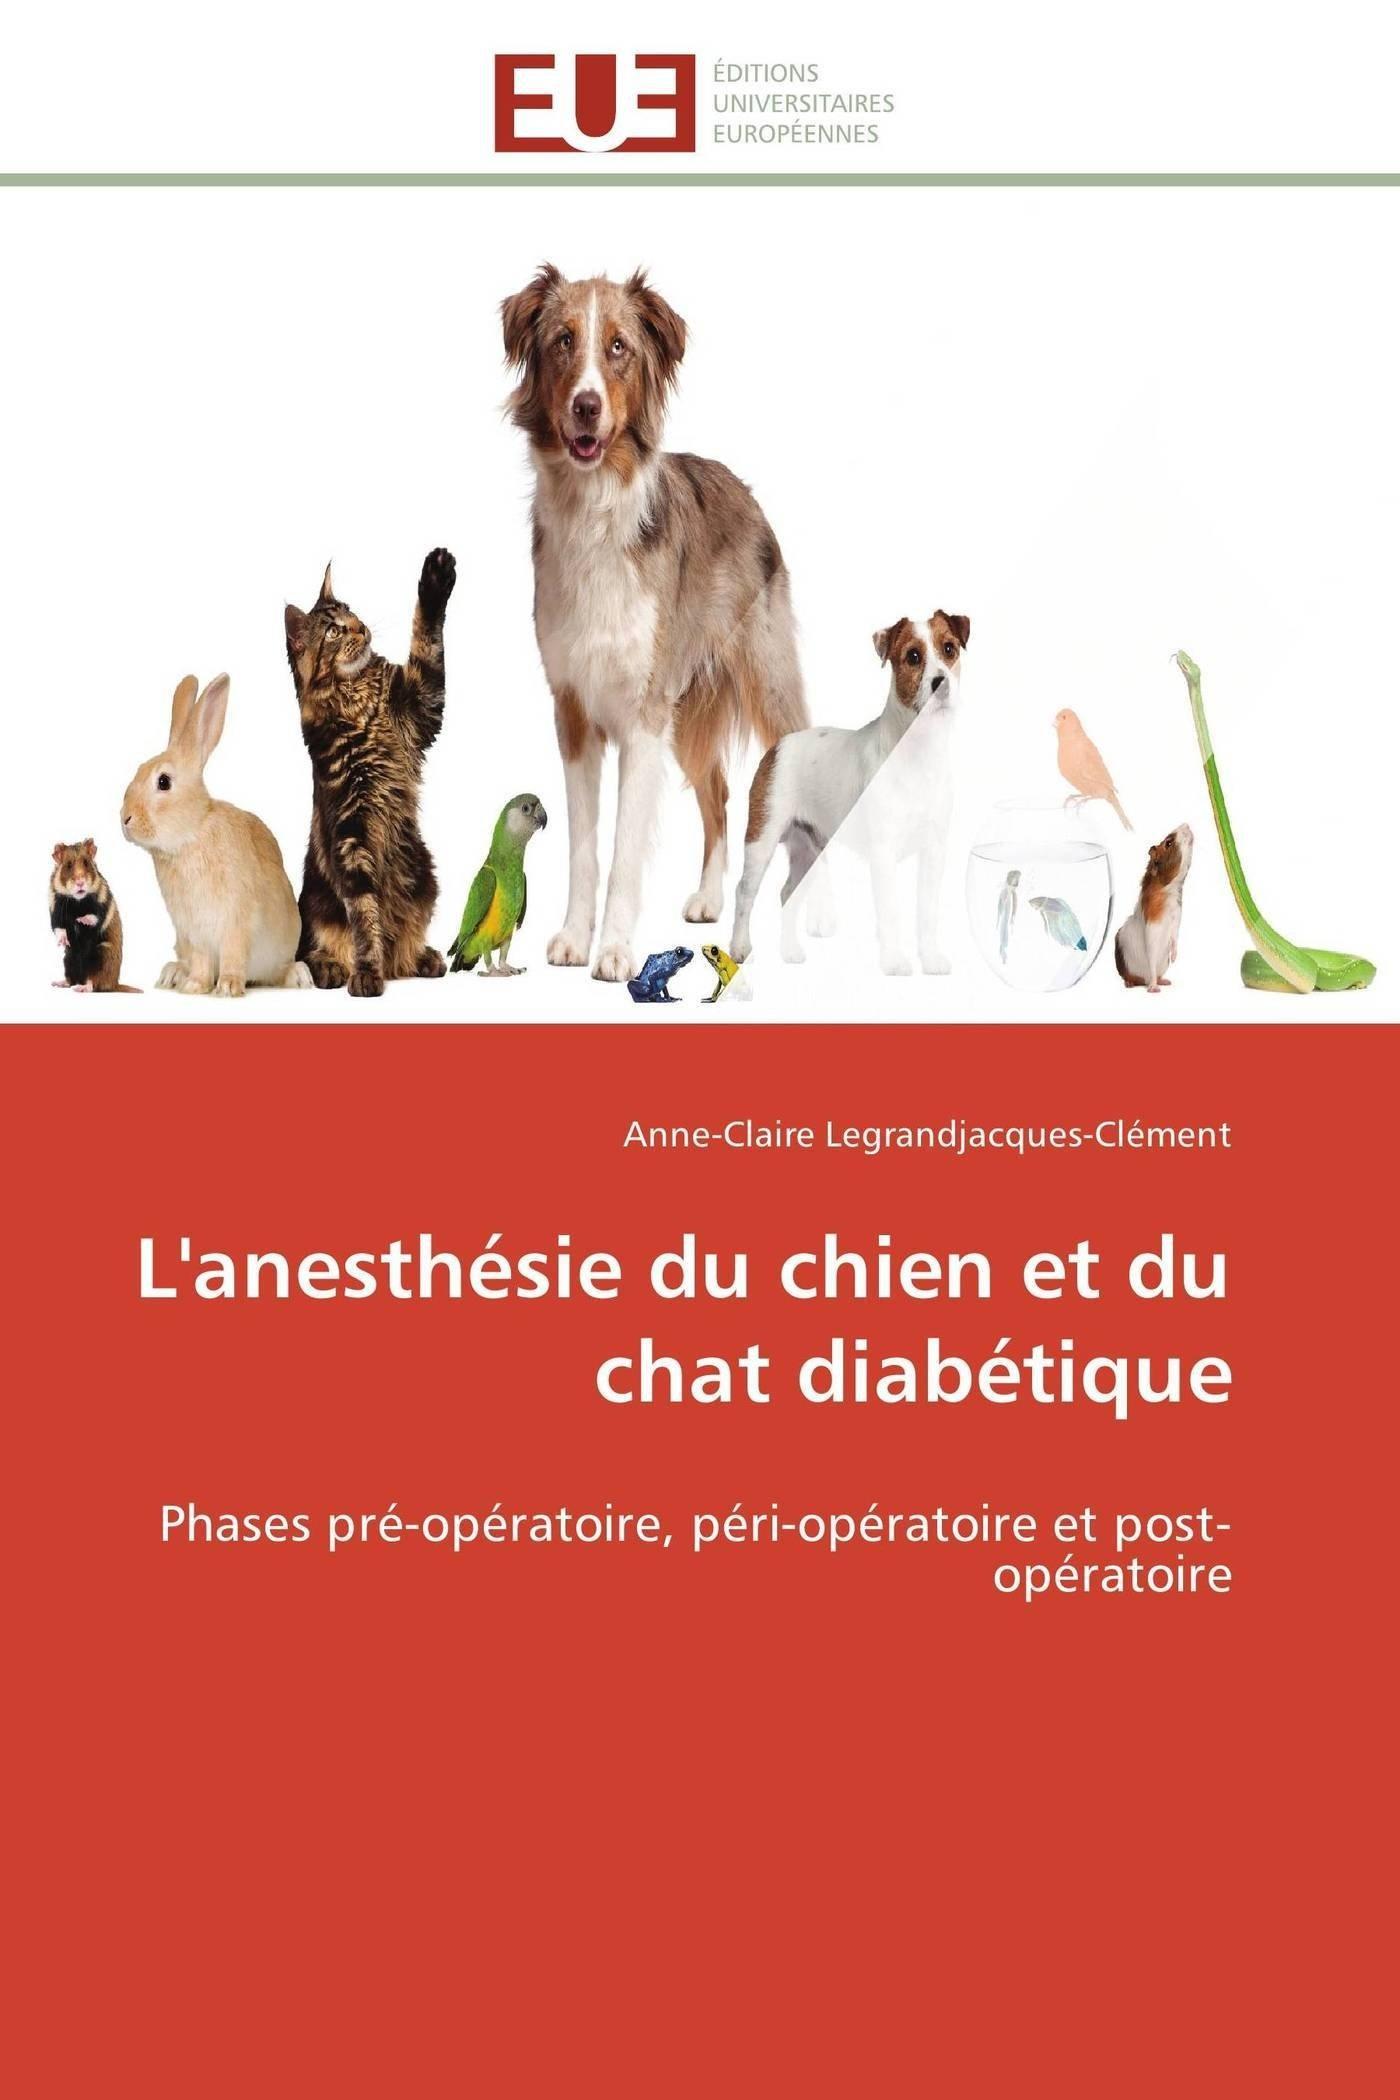 L'anesthésie du chien et du chat diabétique: Phases pré-opératoire, péri-opératoire et post-opératoire (Omn.Univ.Europ.) (French Edition) pdf